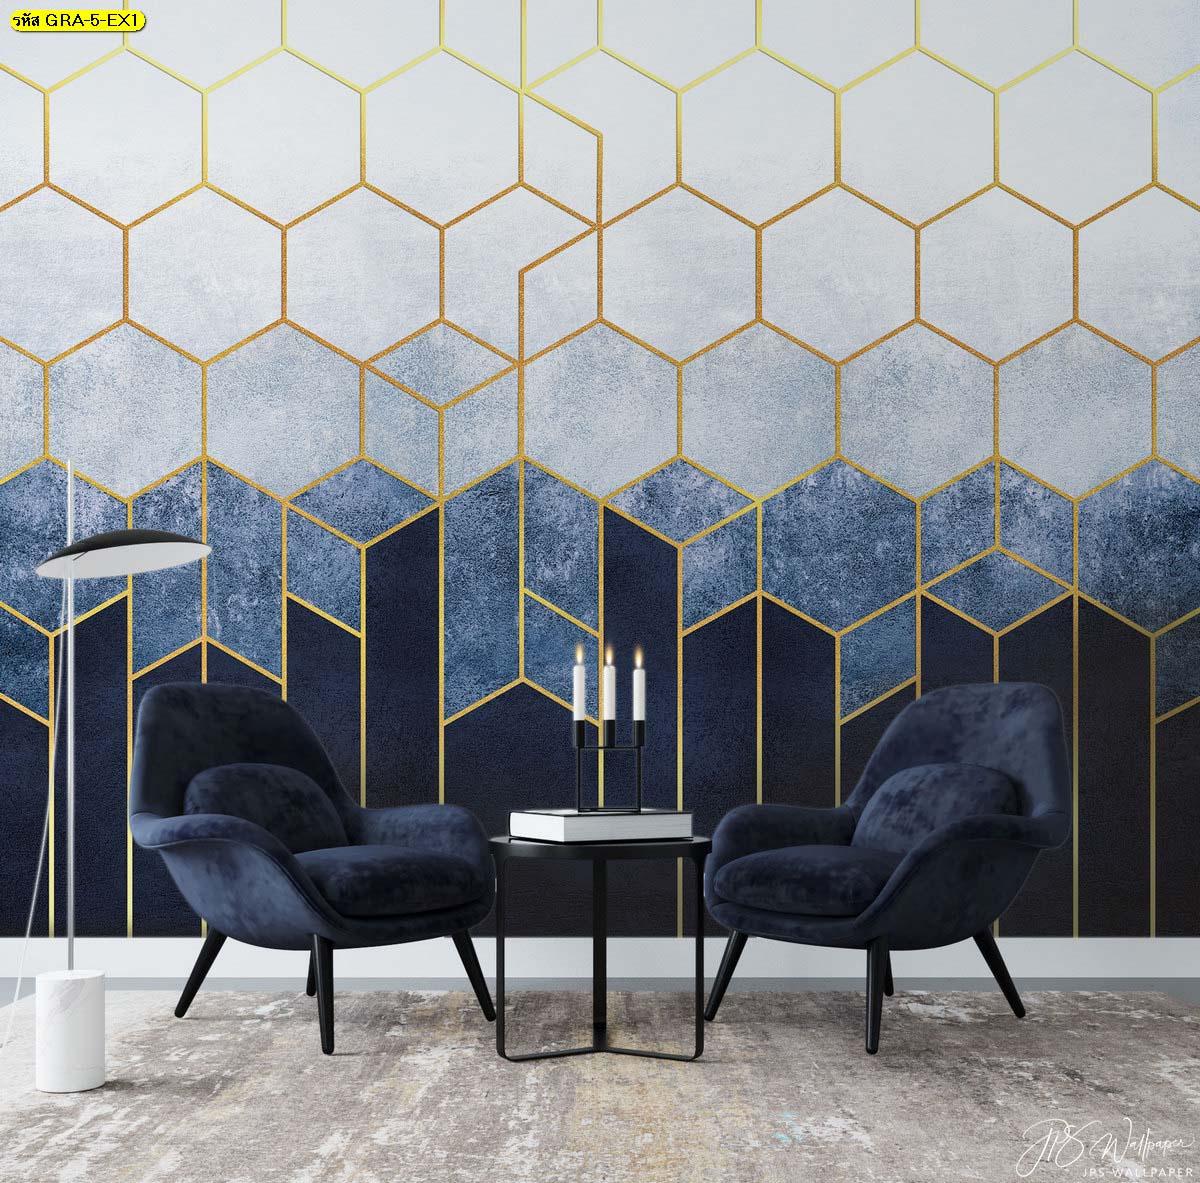 ภาพติดผนังลายกราฟิก สั่งทำภาพติดผนังห้องนั่งเล่น วอลเปเปอร์หกเหลี่ยมขอบทองพื้นหลังสีฟ้า